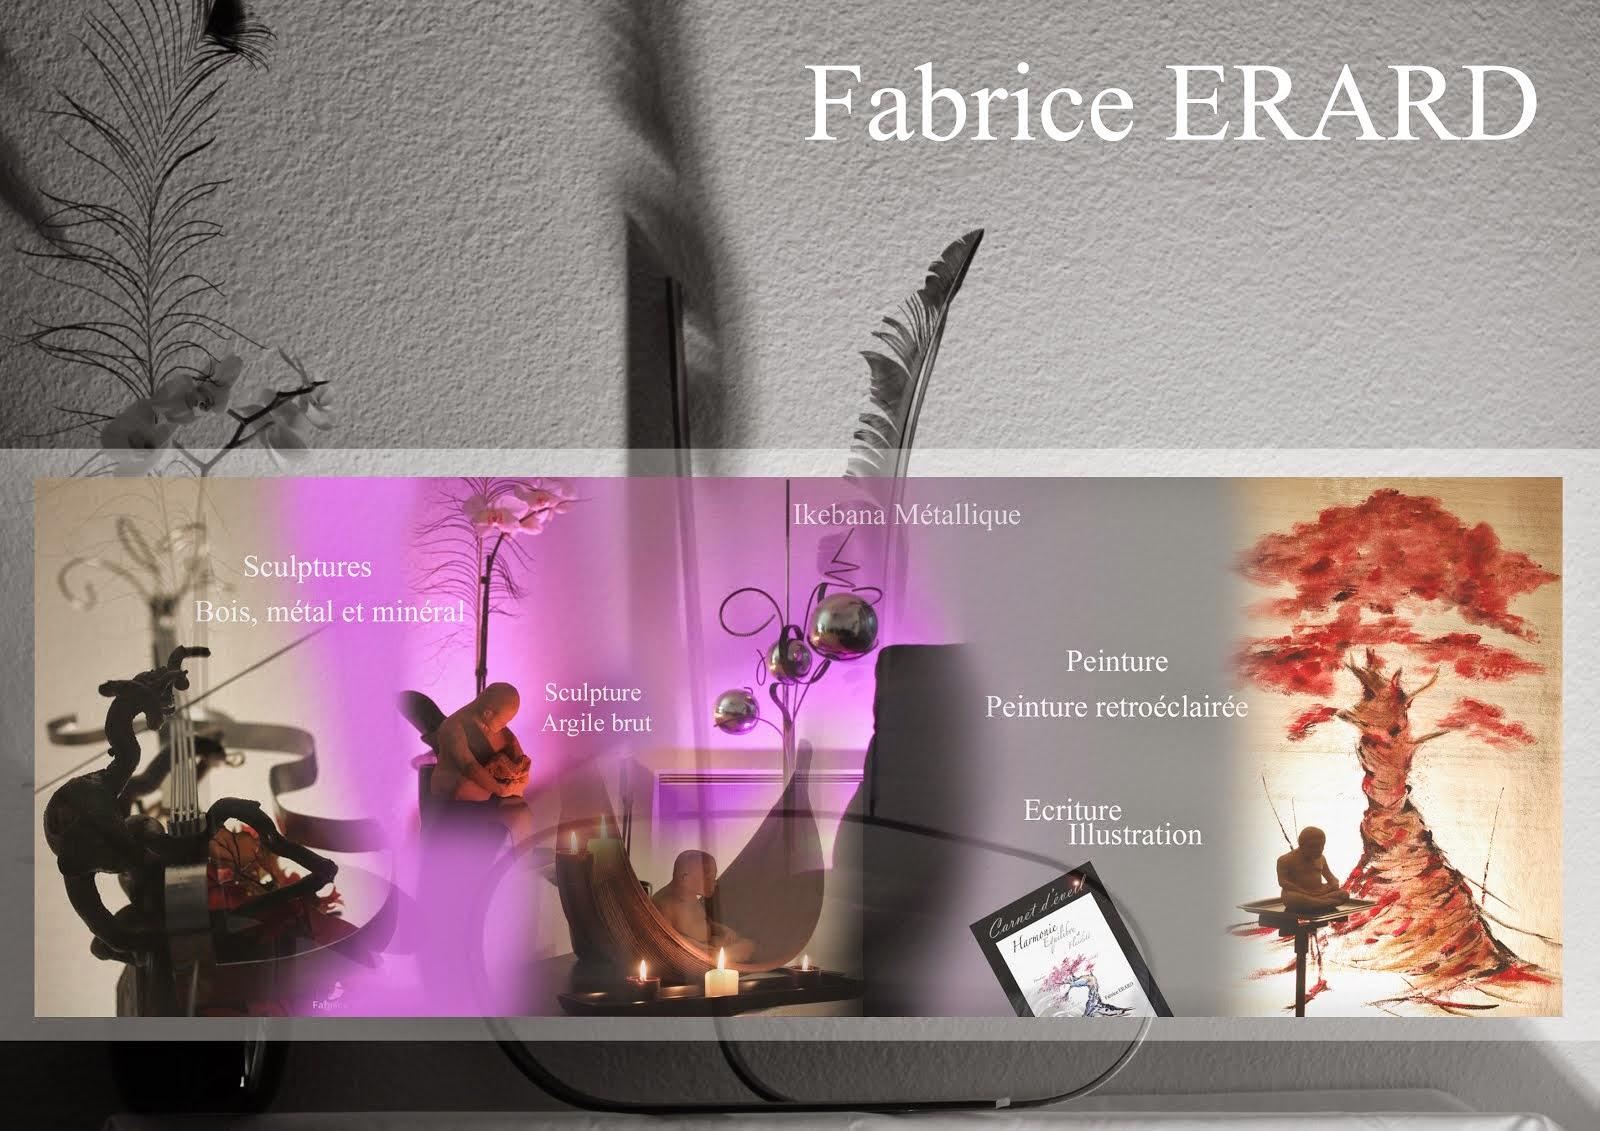 Site de créations artistiques de Fabrice ERARD